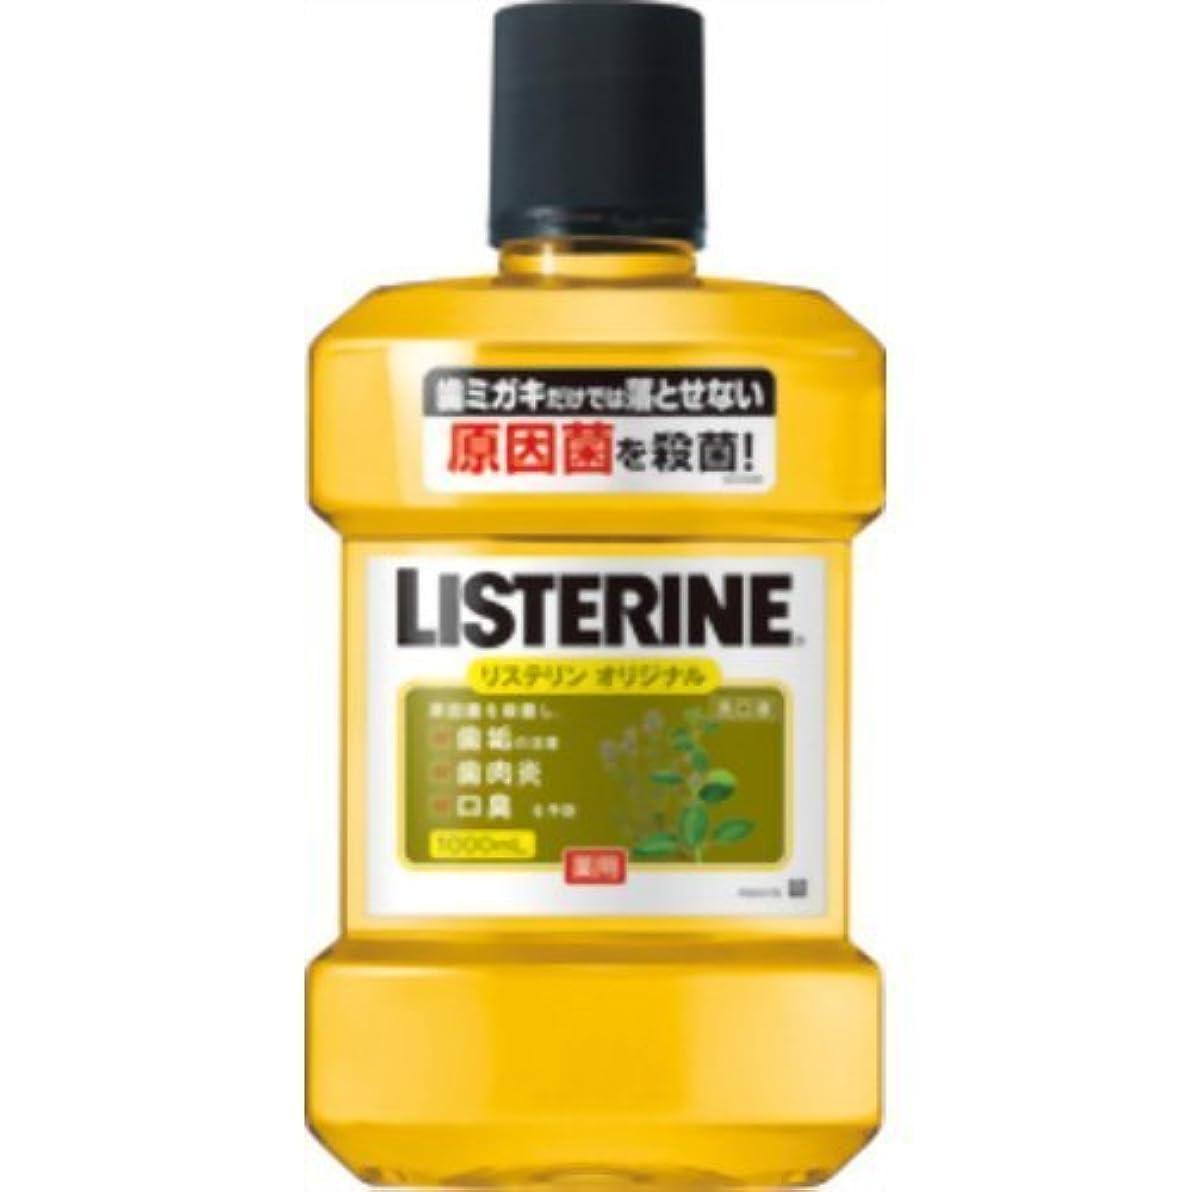 受動的刺激する薬用リステリン オリジナル 1000ml ×10個セット